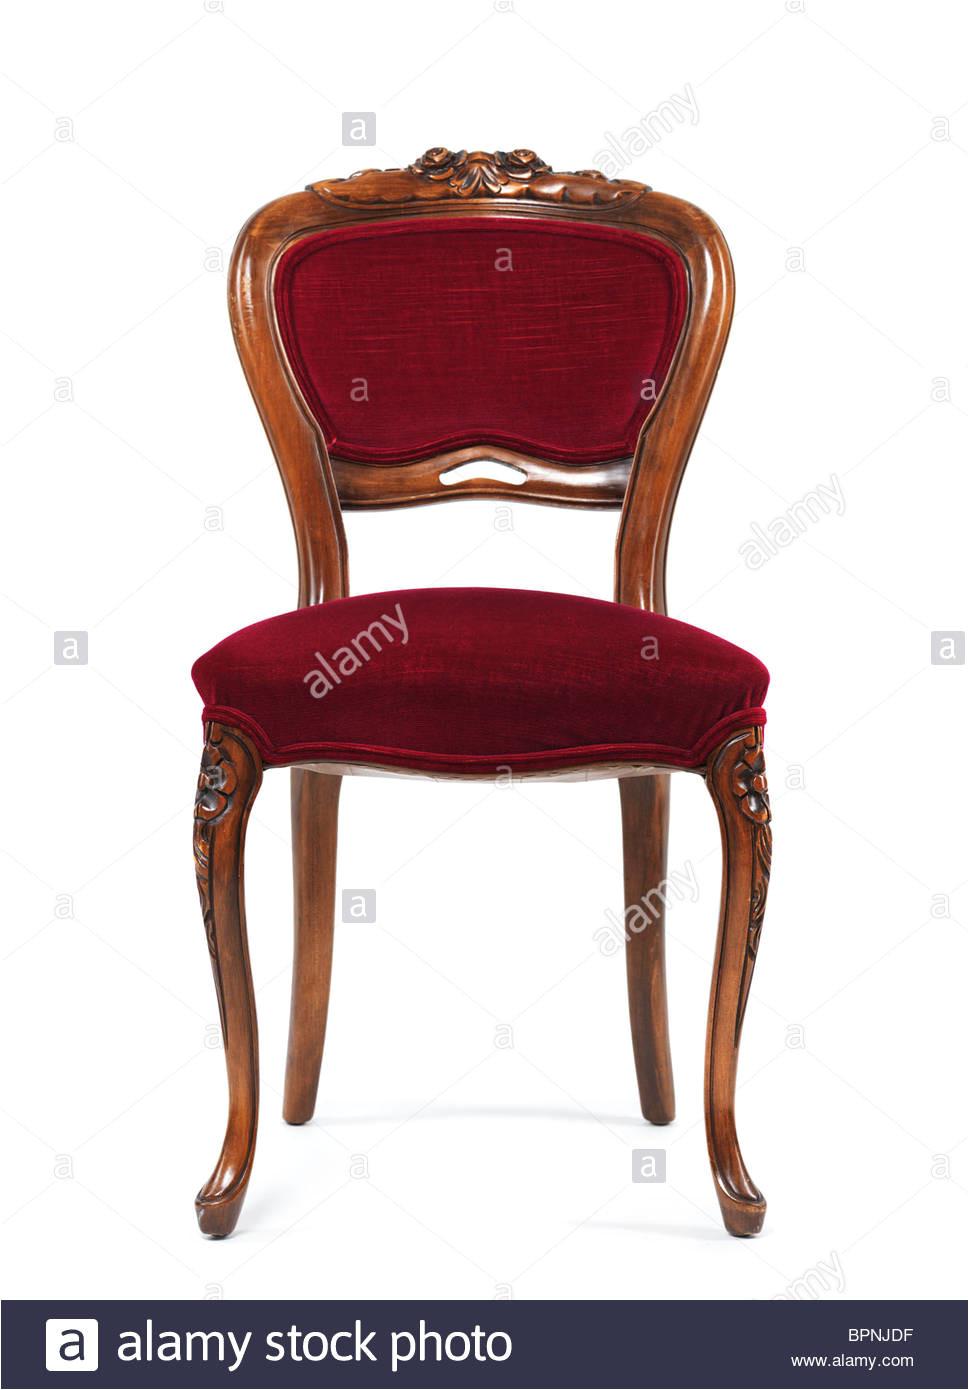 silla de madera antigua con tapicera a roja aislado sobre fondo blanco imagen de stock